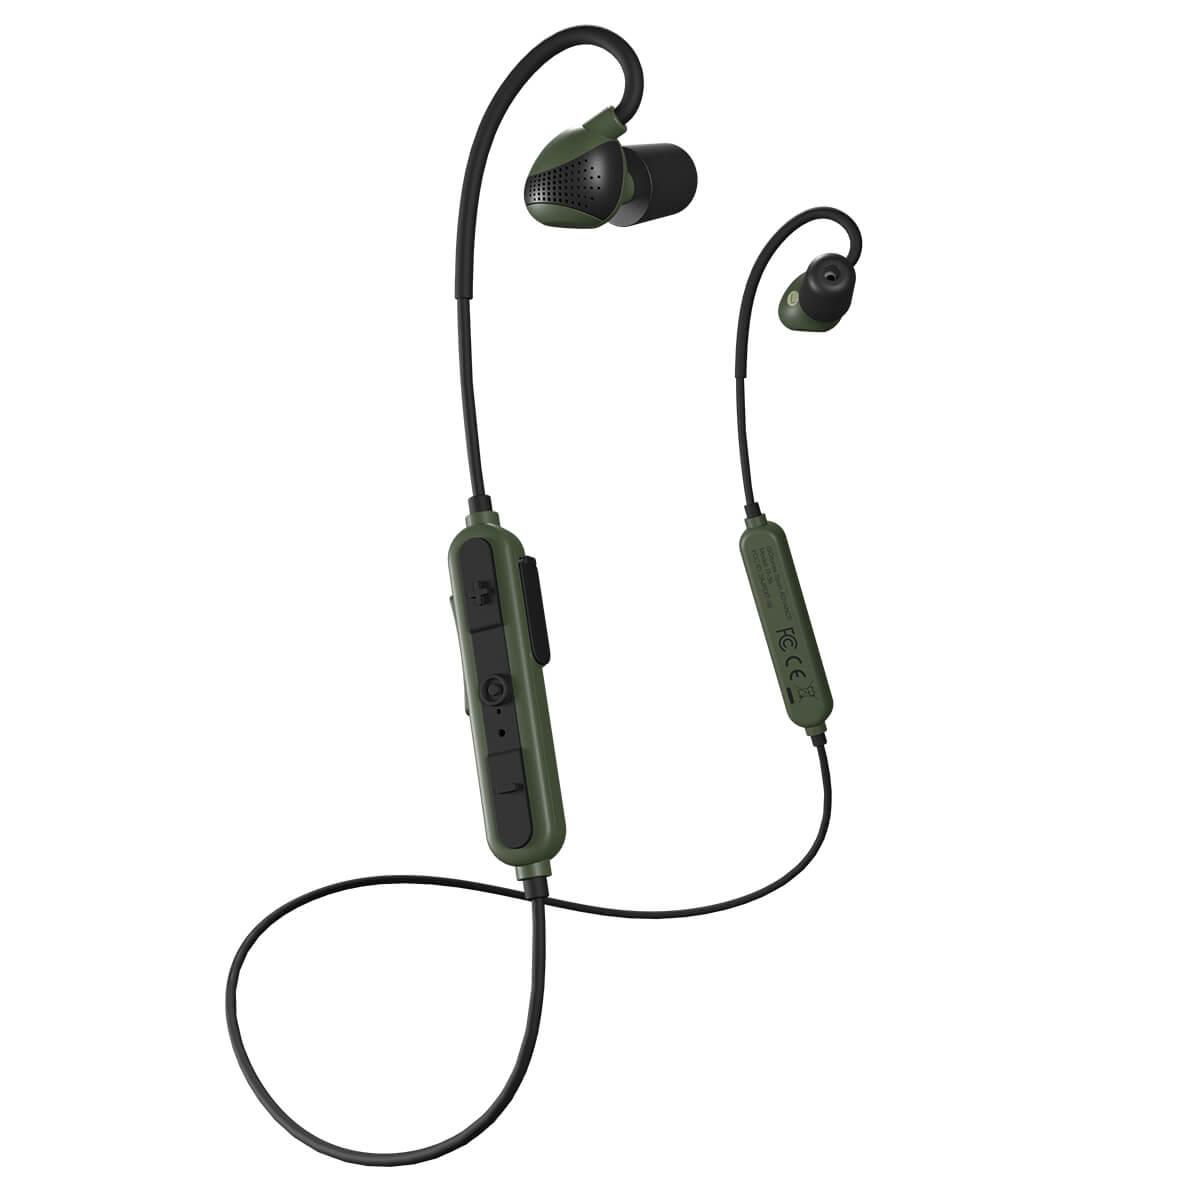 Isotunes Gehörschutz Sport Advance - Gehörschutz